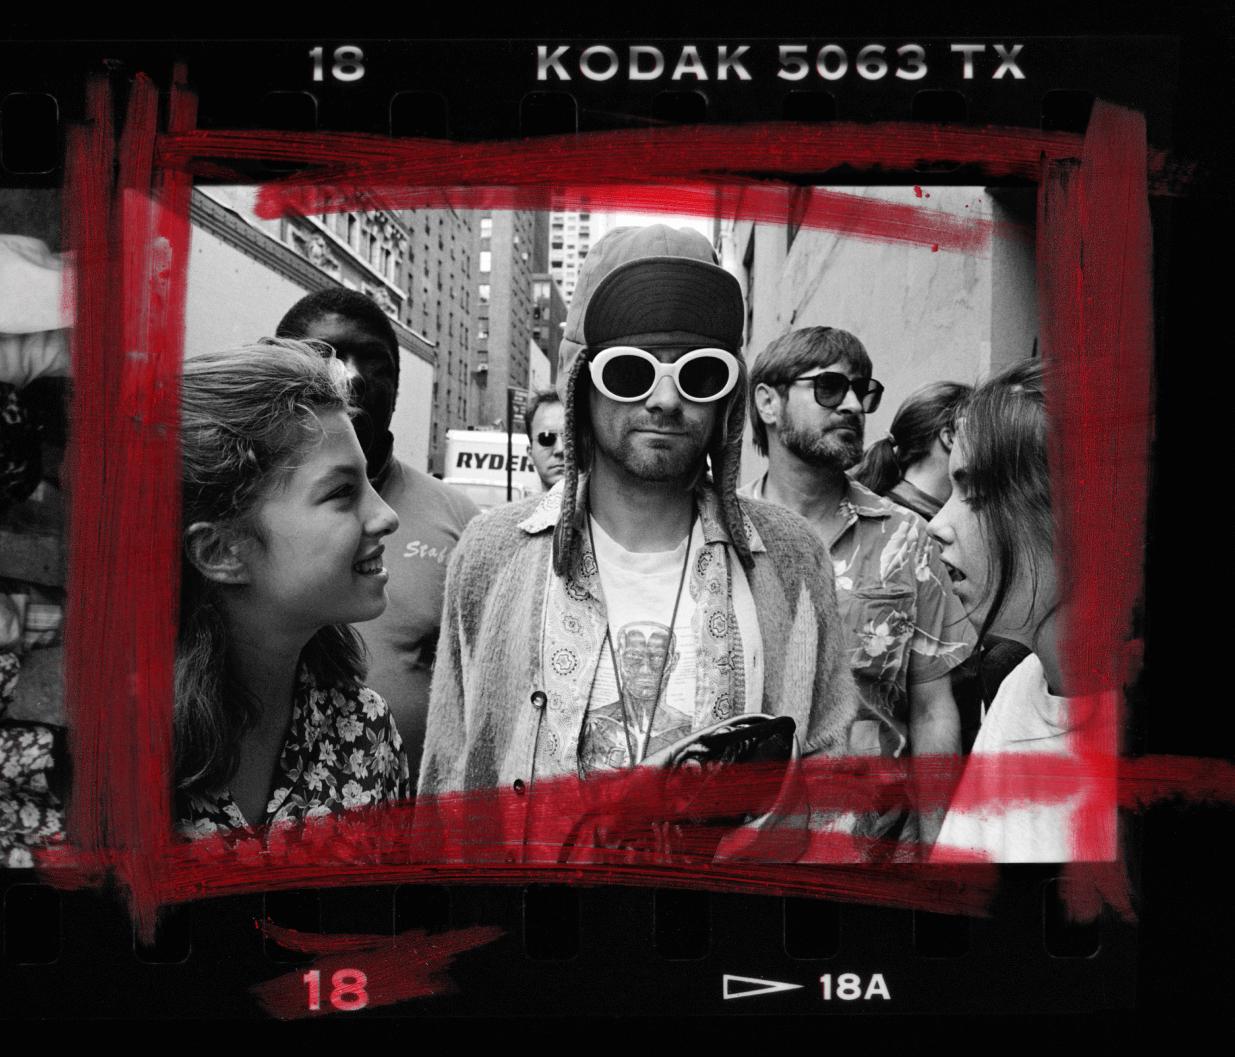 Kurt Cobain in public